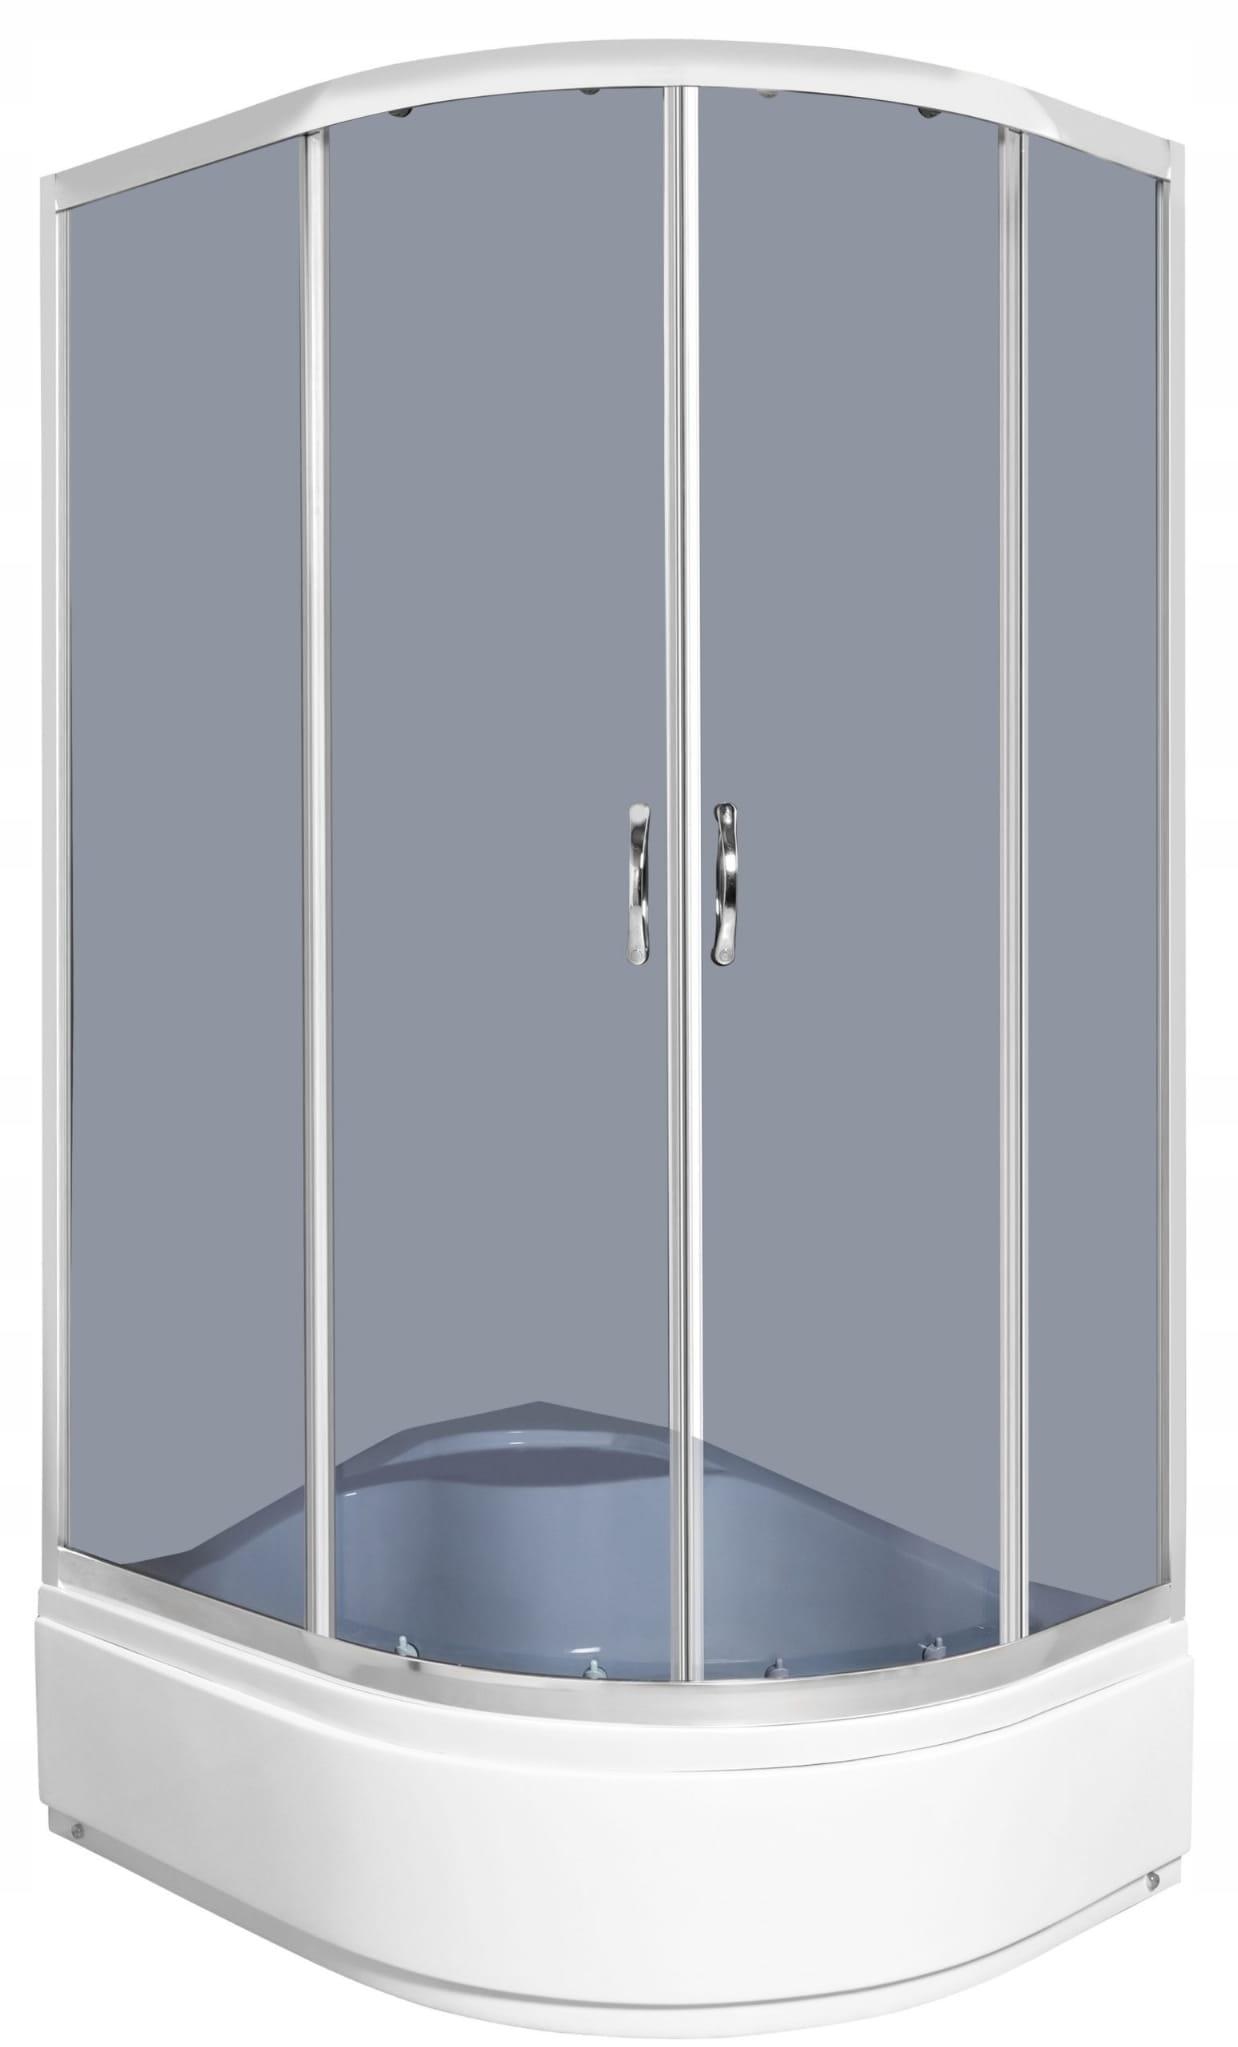 Sprchová kabína Katia 100x80cm / 5mm + sprchová vanička, ĽAVÁ